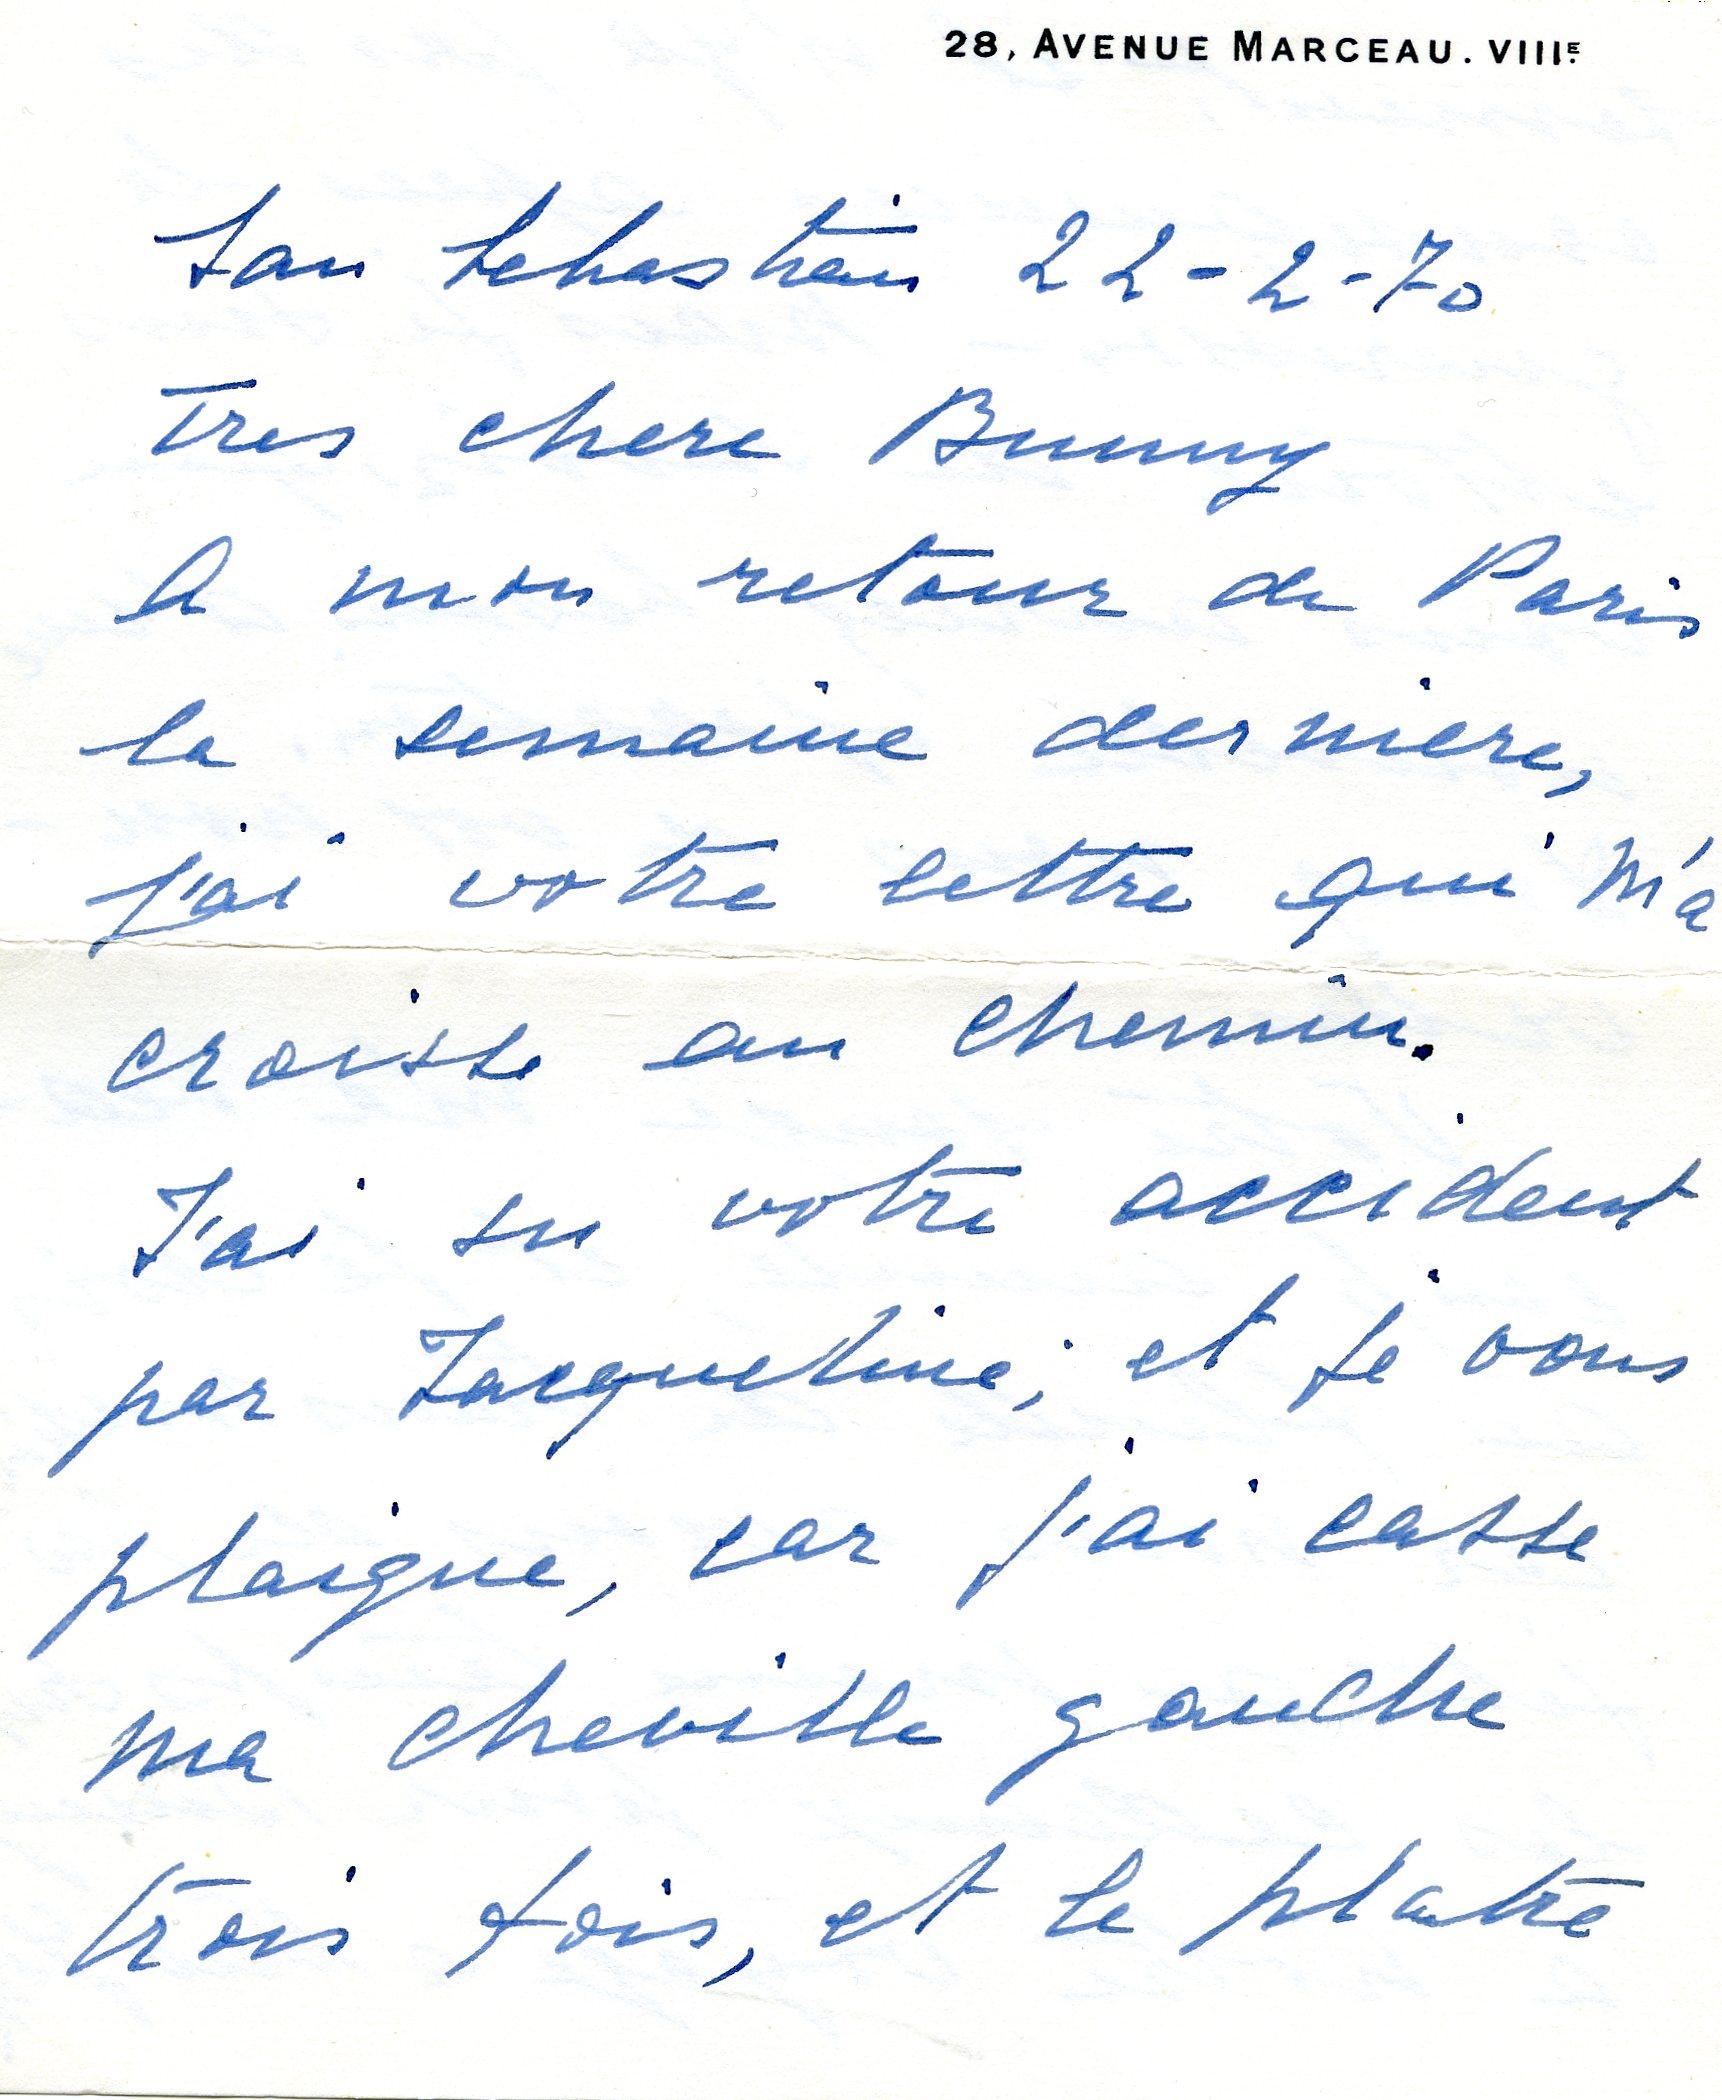 Carta enviada por Ramon Esparza y Balenciaga a madame Paul Mellon